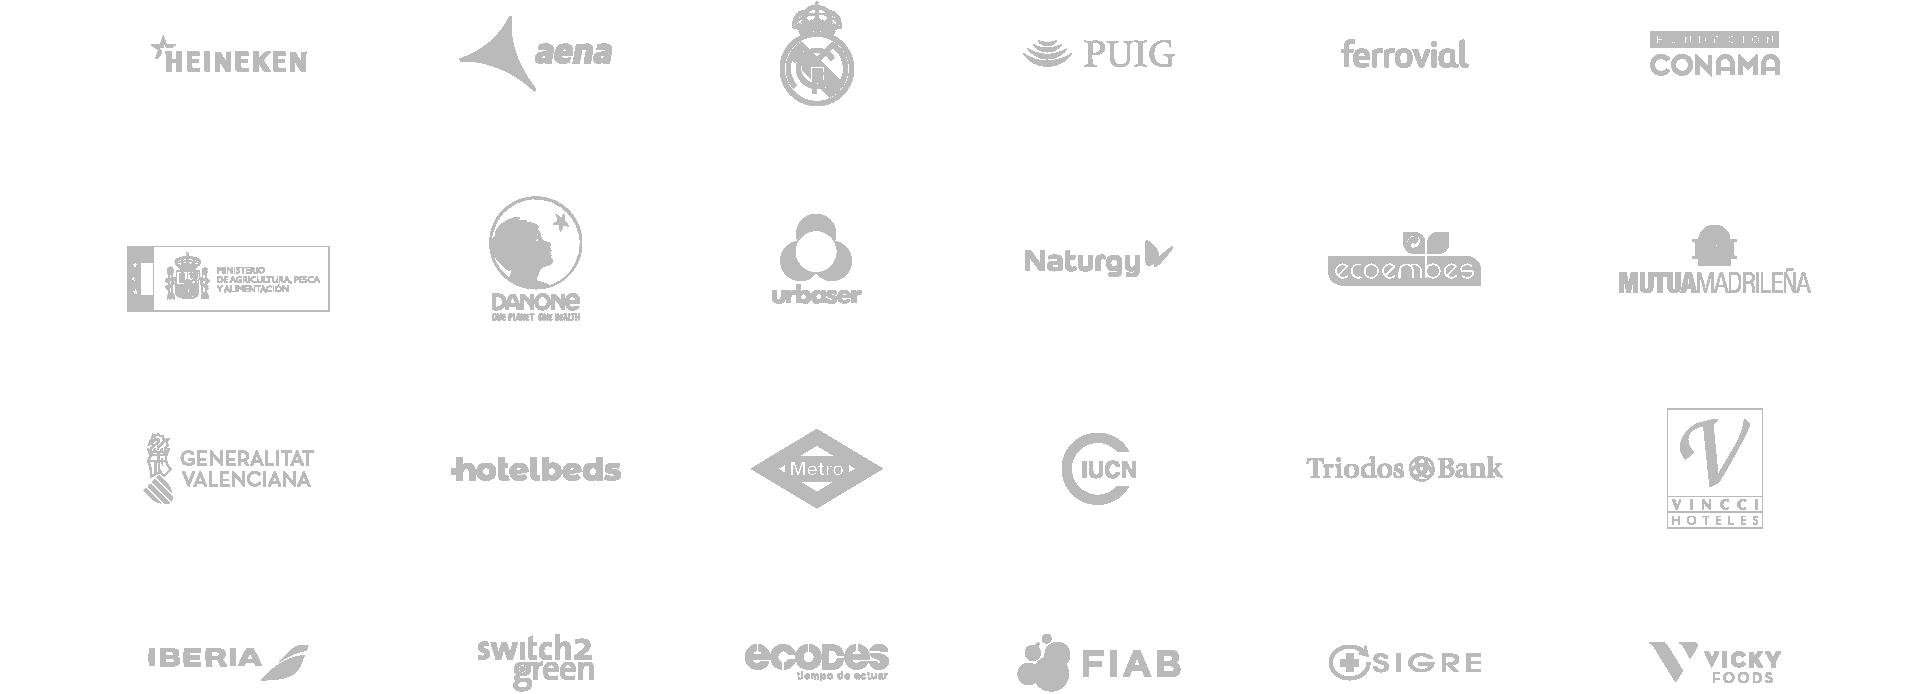 Logos clientes ecoavantis